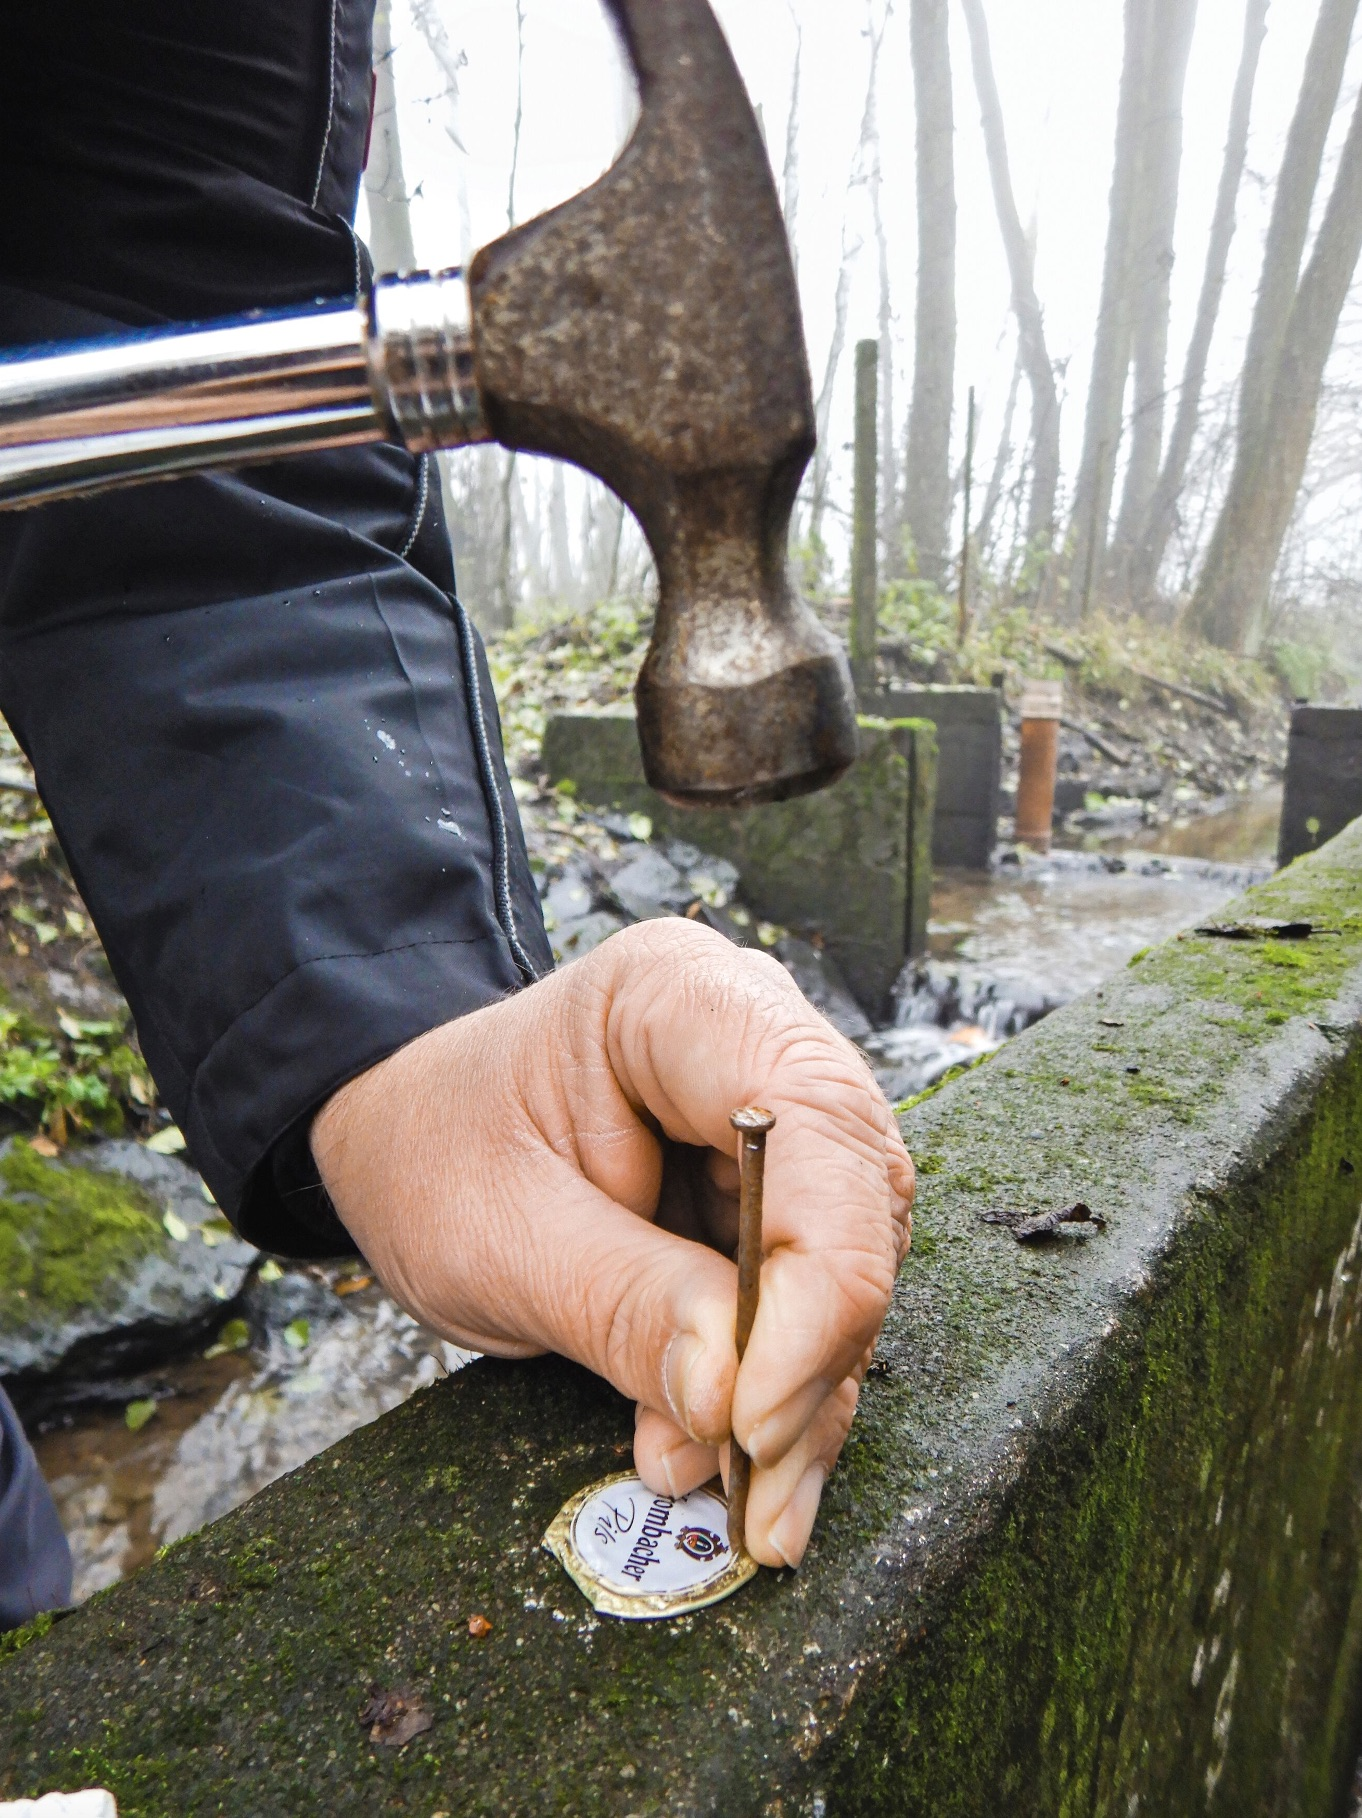 """Im nächsten Schritt werden mit einem Nagel Löcher in den Korken geschlagen. Das geht ebenfalls auf der Steinmauer. Wichtig: Die kleinen Löcher sollten so dicht wie möglich am Rand des Blechs liegen. Scharfe Kanten an den Löchern werden vorsichtig """"geplättet""""."""